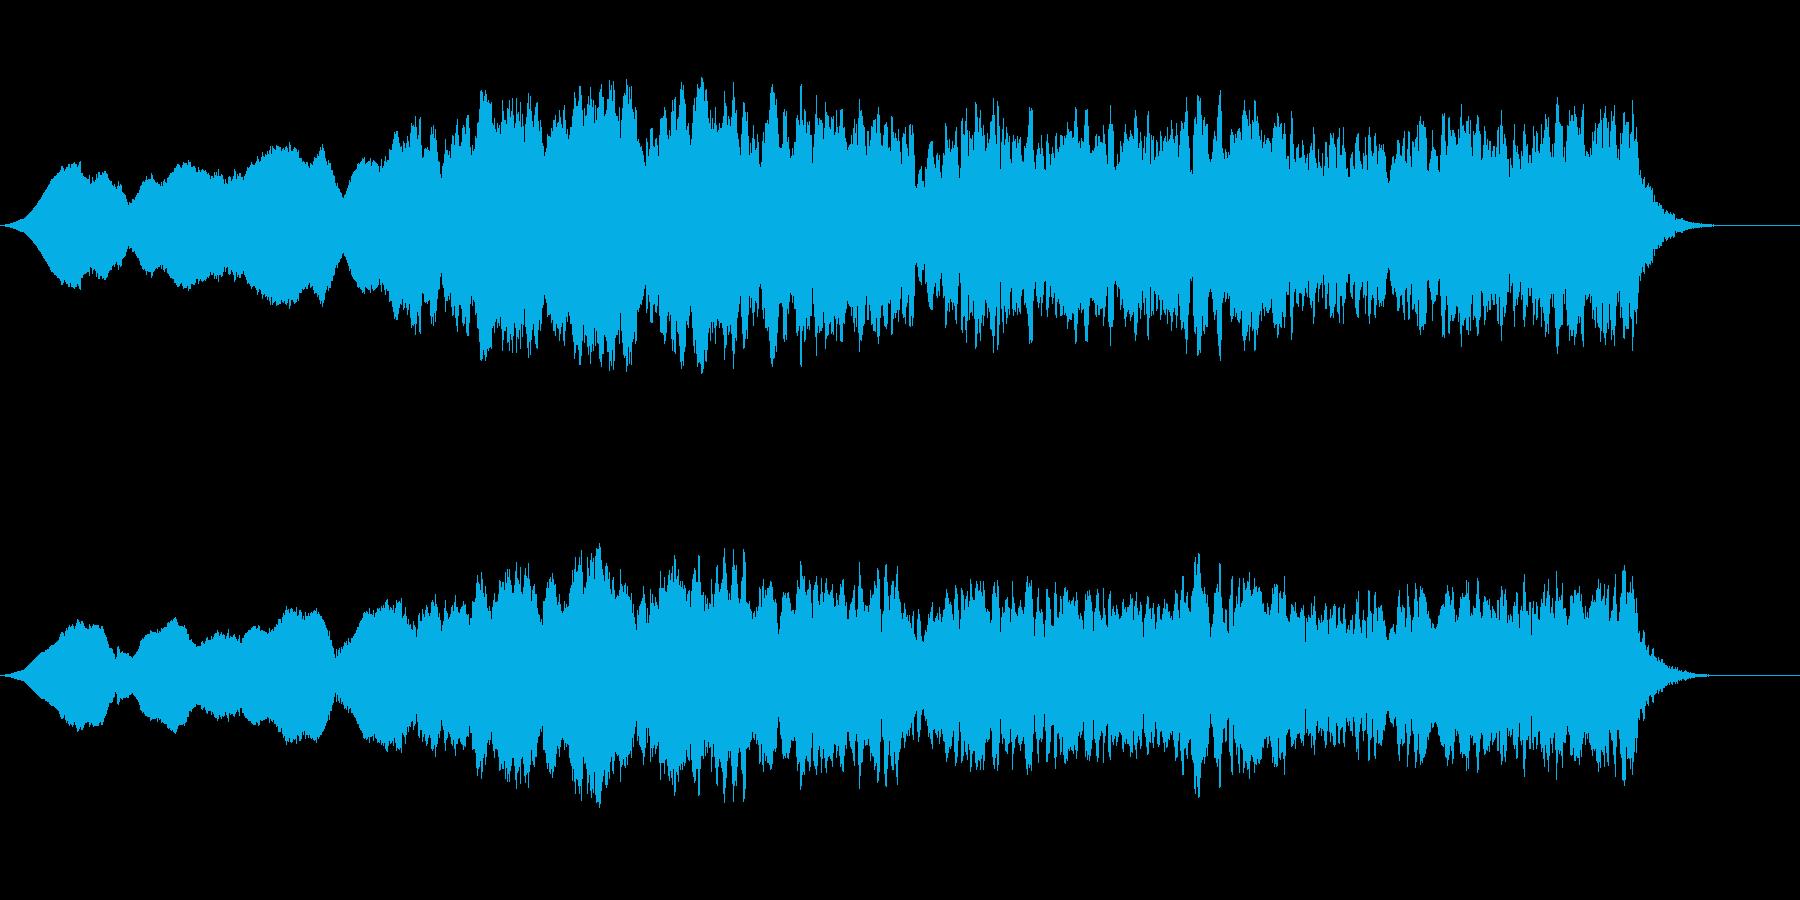 異世界1ホラー環境音の再生済みの波形